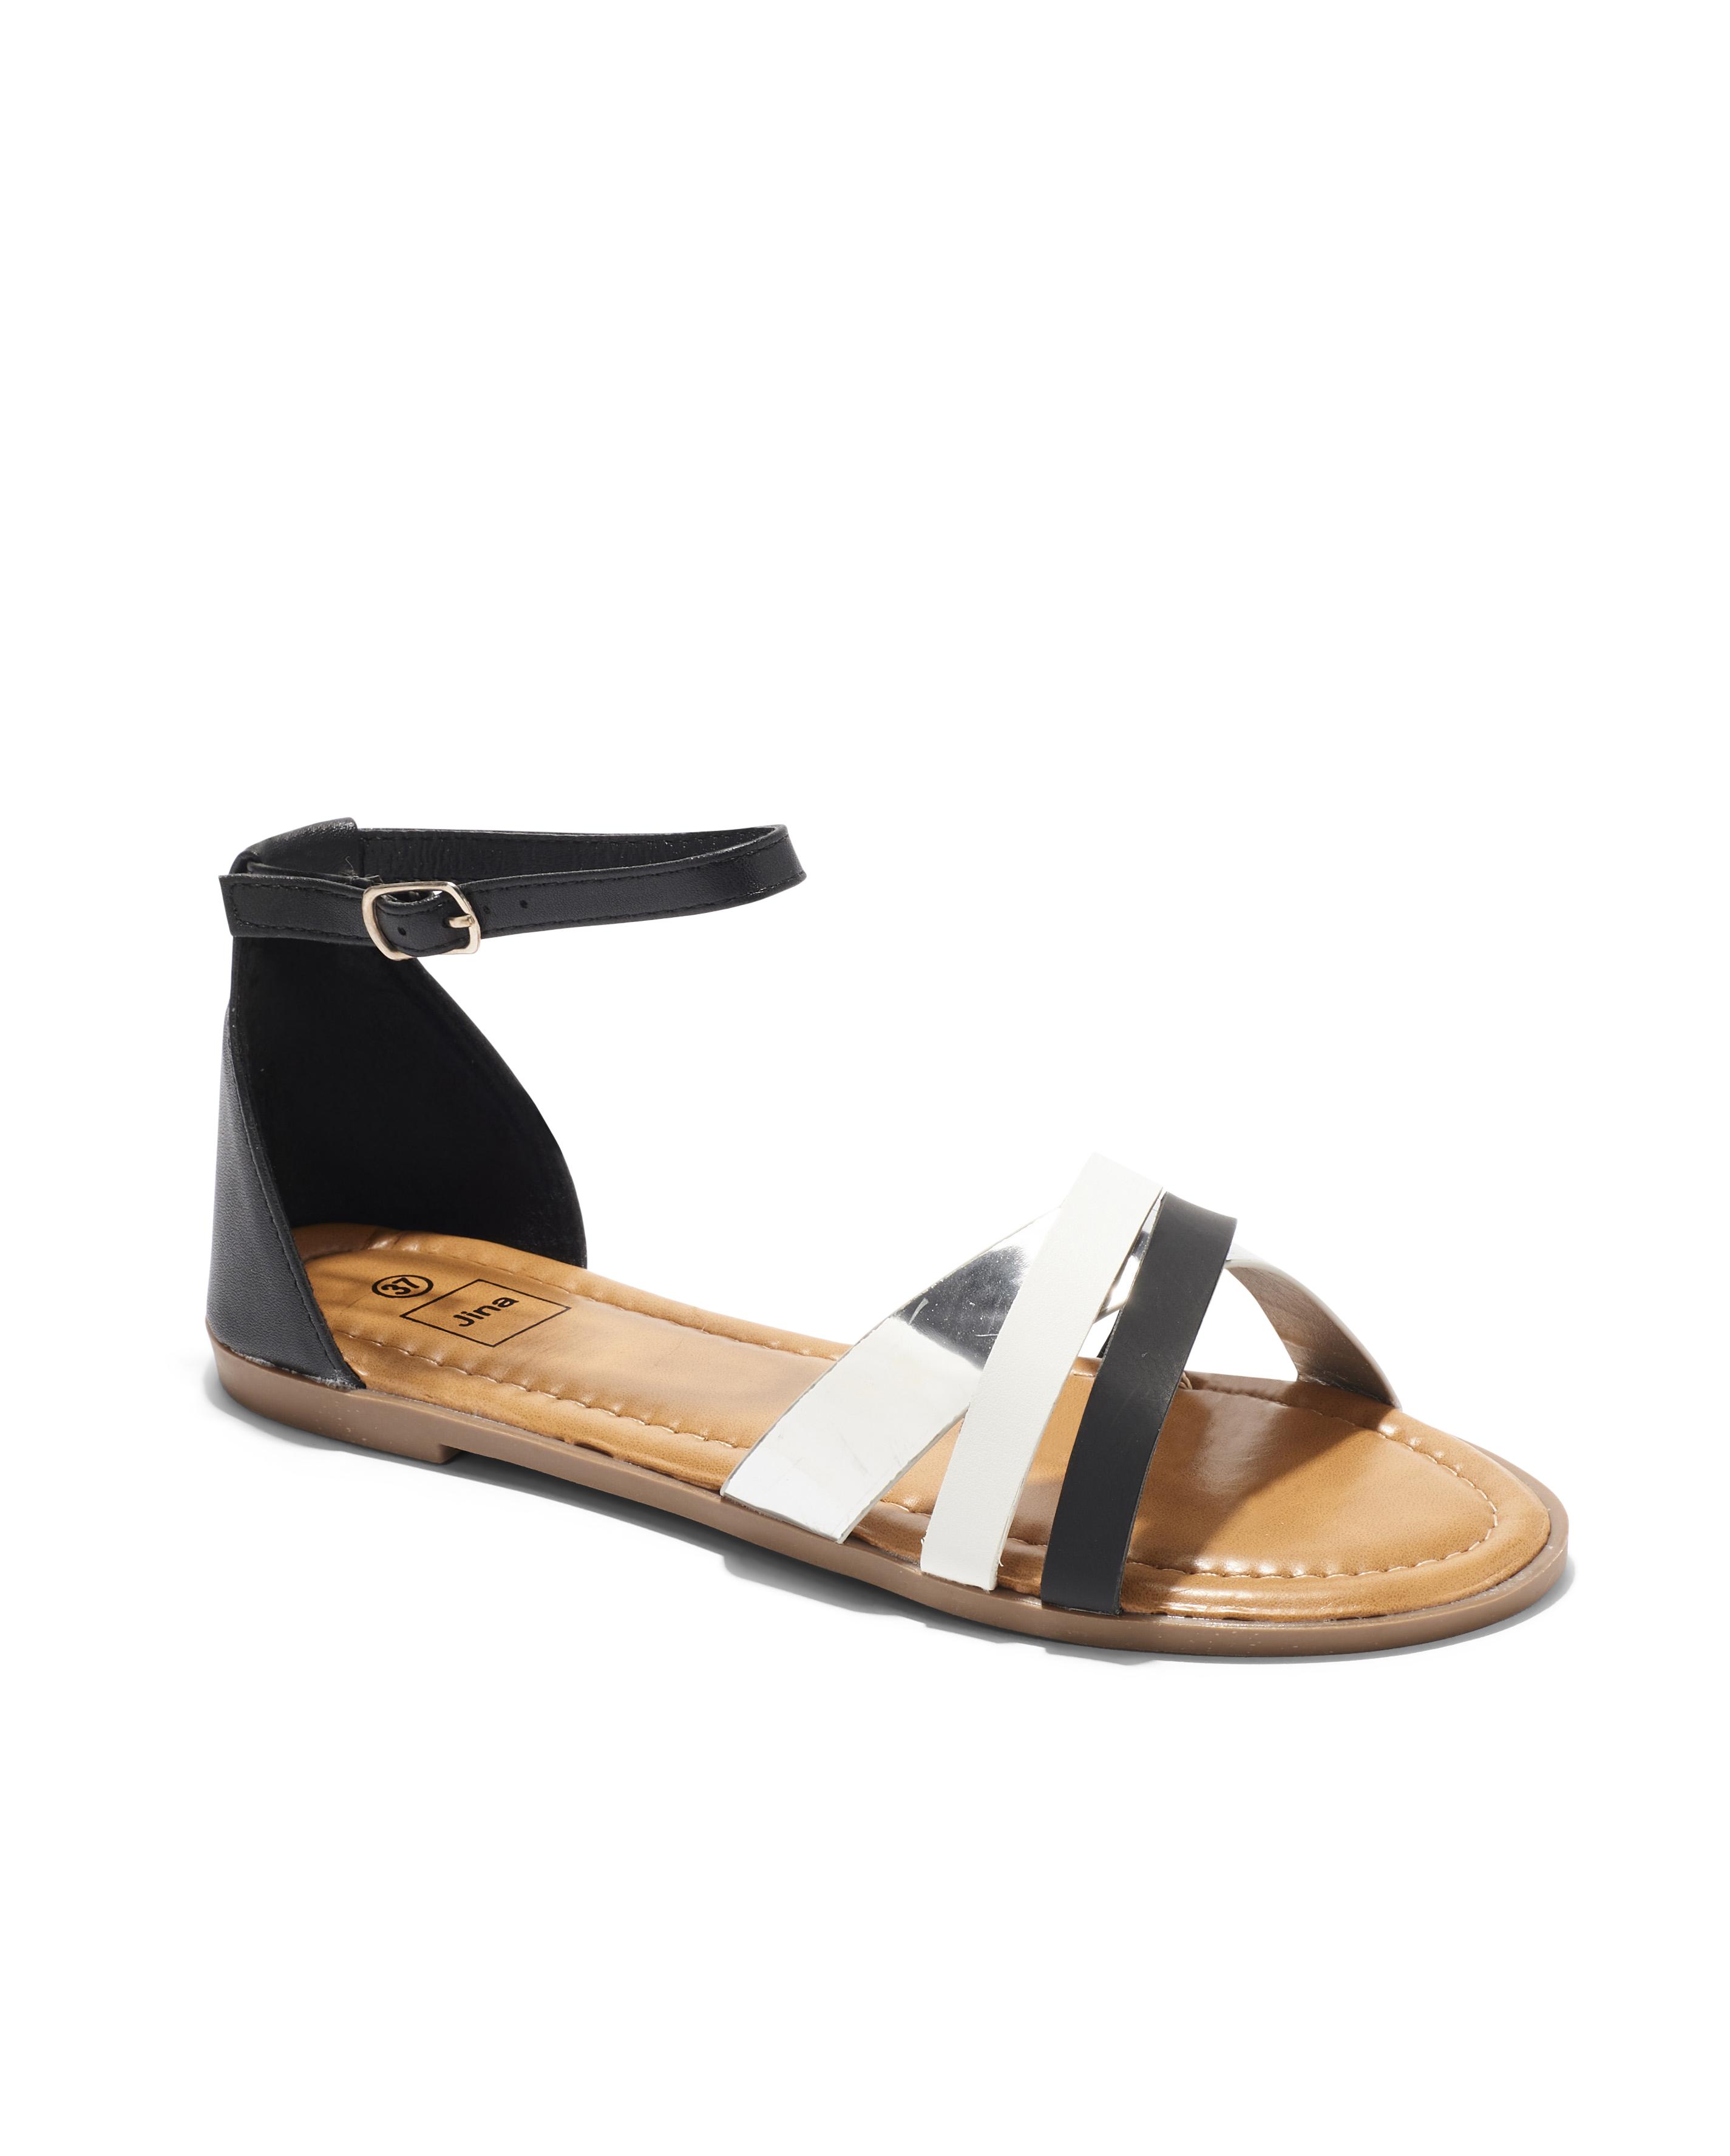 Sandales Plates Femme - Sandale Plate Noir Jina - Sapl Zh2